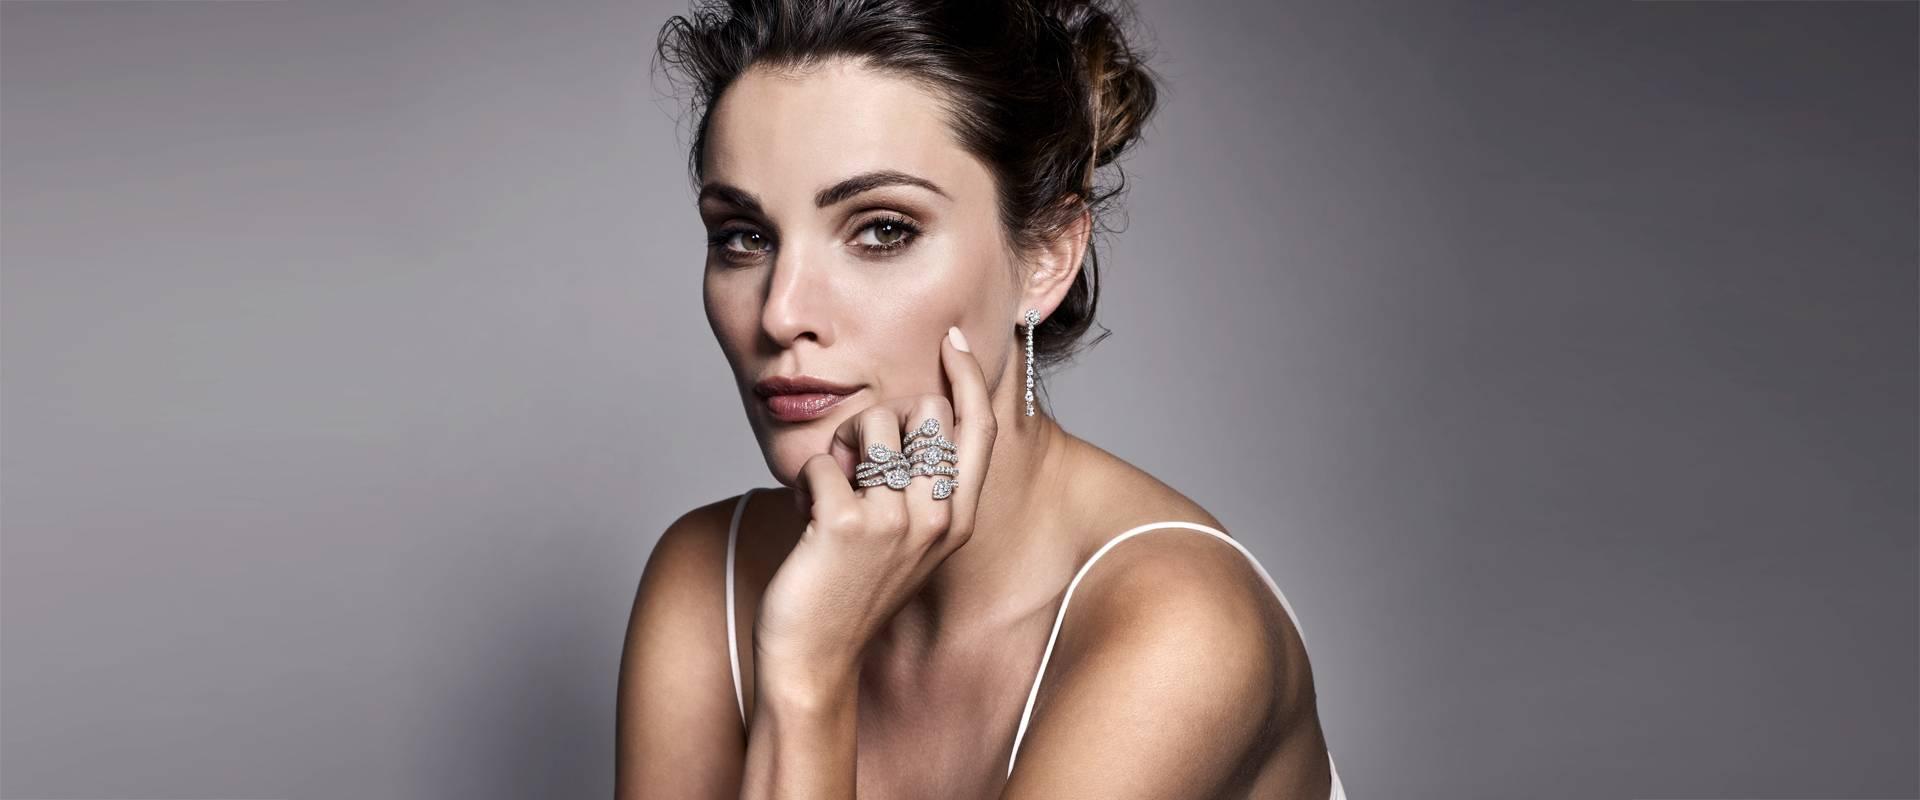 Leon Martens Juweliers Maastricht | Liefde voor High-end horloges en verfijnde sieraden